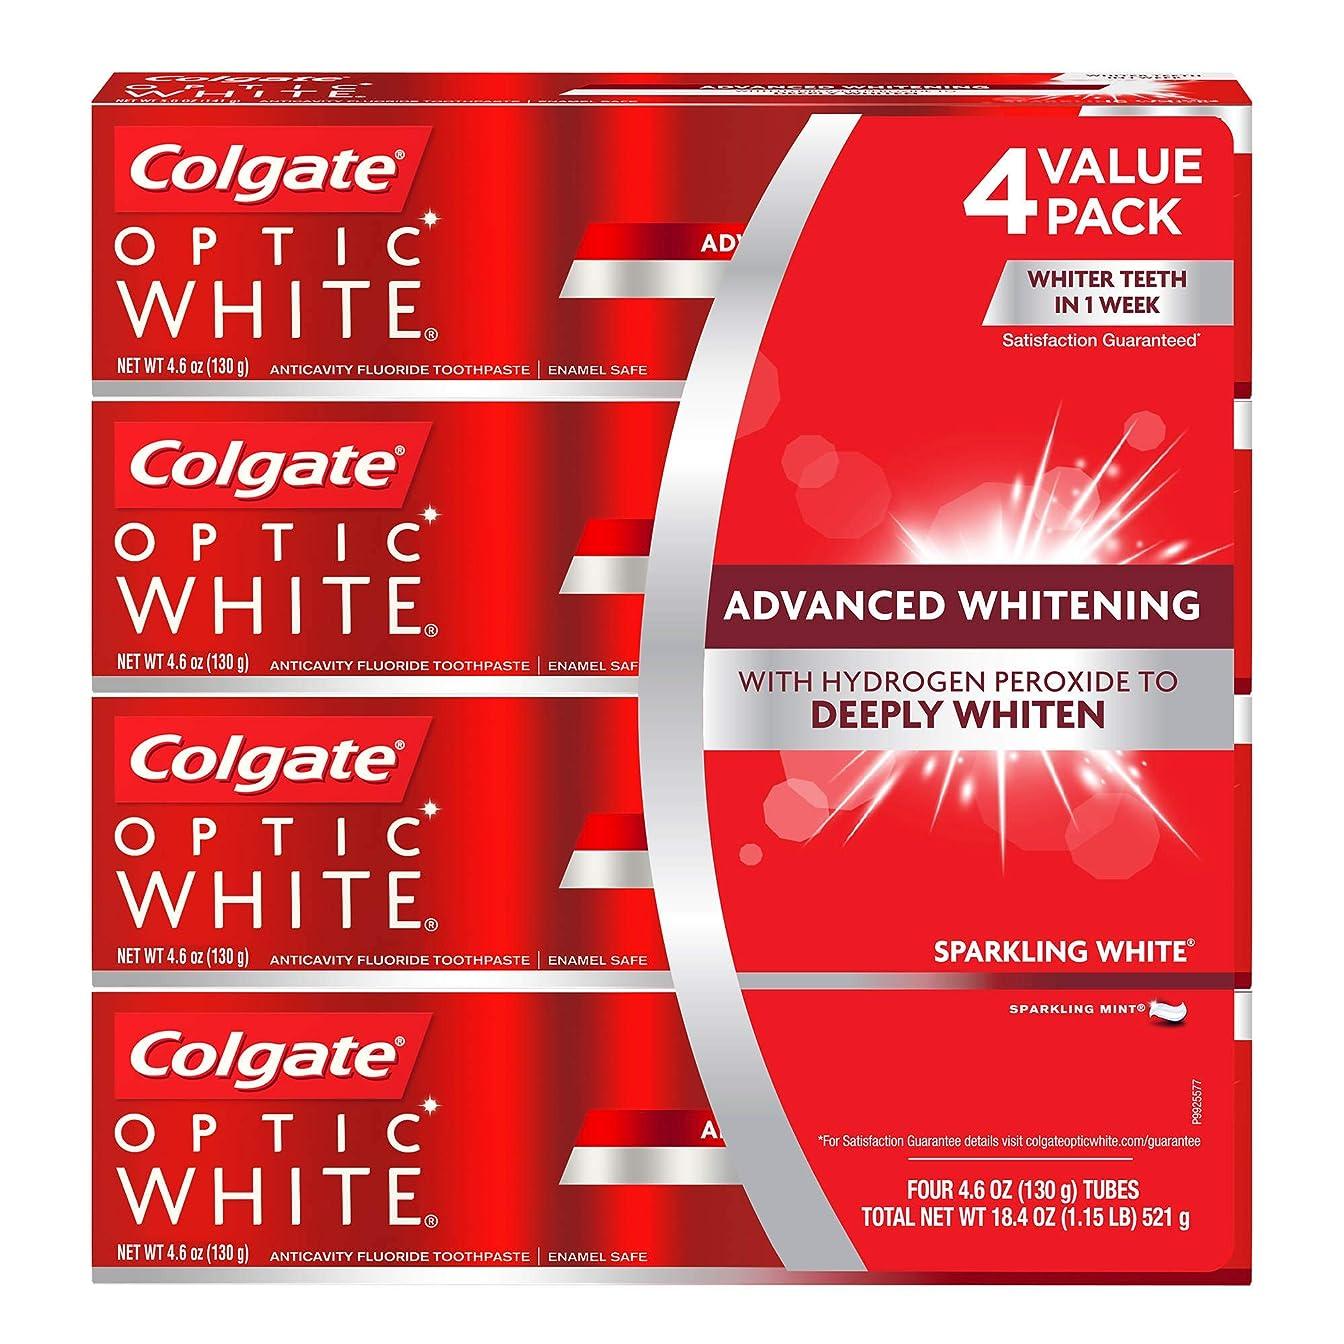 小屋ティーンエイジャーアクチュエータ海外直送品 コルゲートオプティックホワイトスパークリングホワイト 歯磨き粉 Colgate Optic White Sparkling White Toothpaste, Sparkling Mint (4.6 oz, 5 pk.) 130gx5本